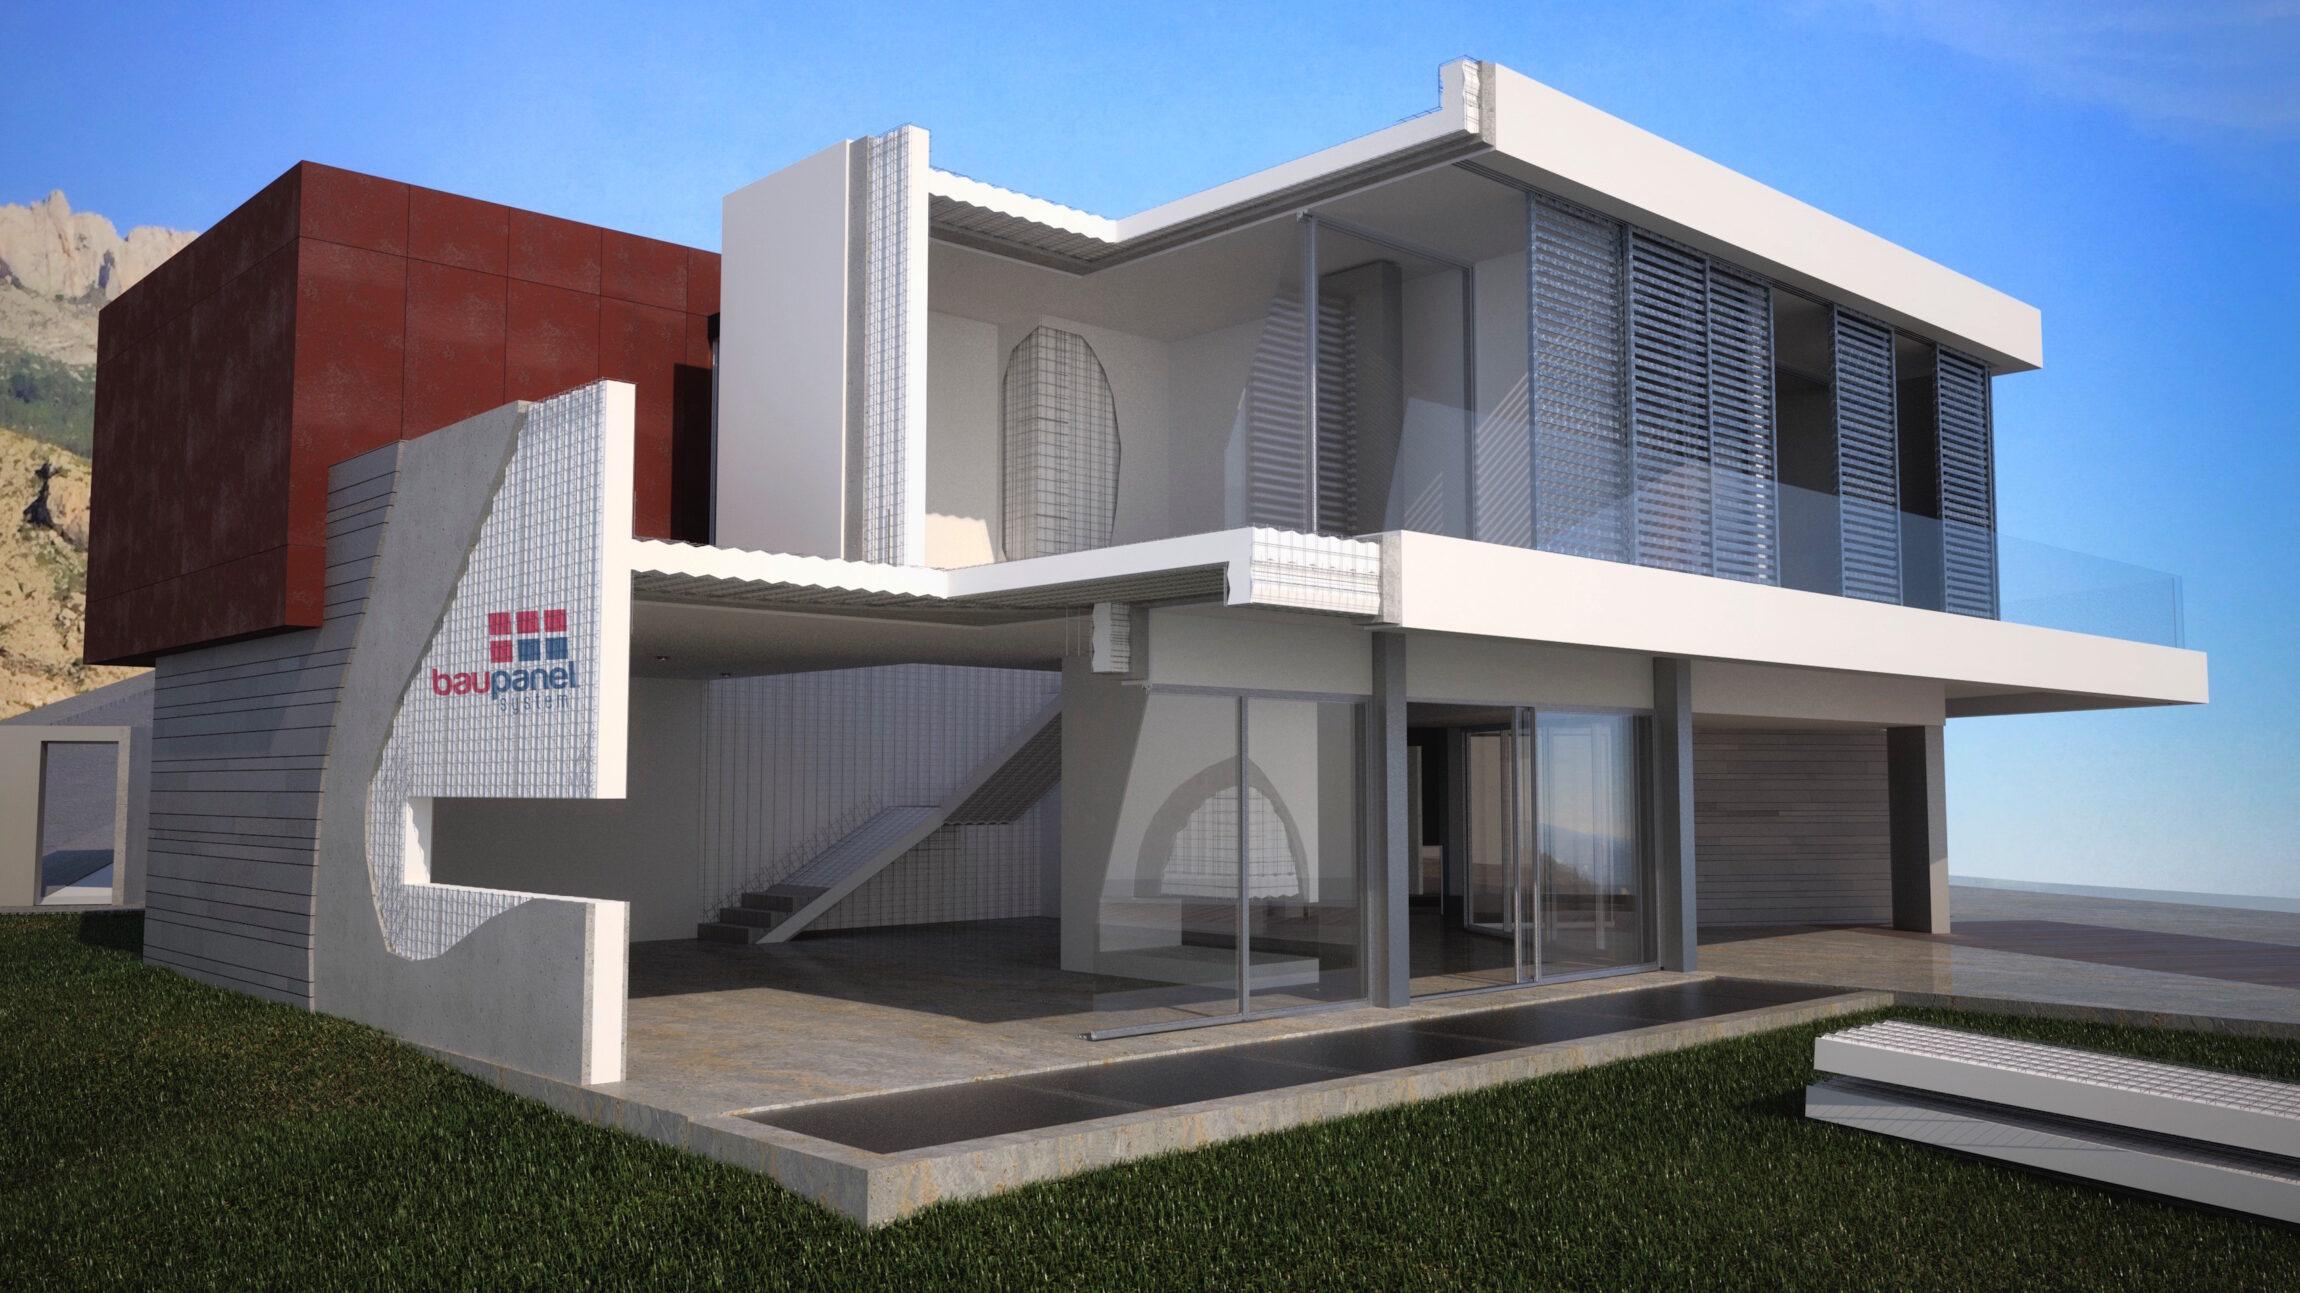 Baupanel system, sistema de construcción eficiente